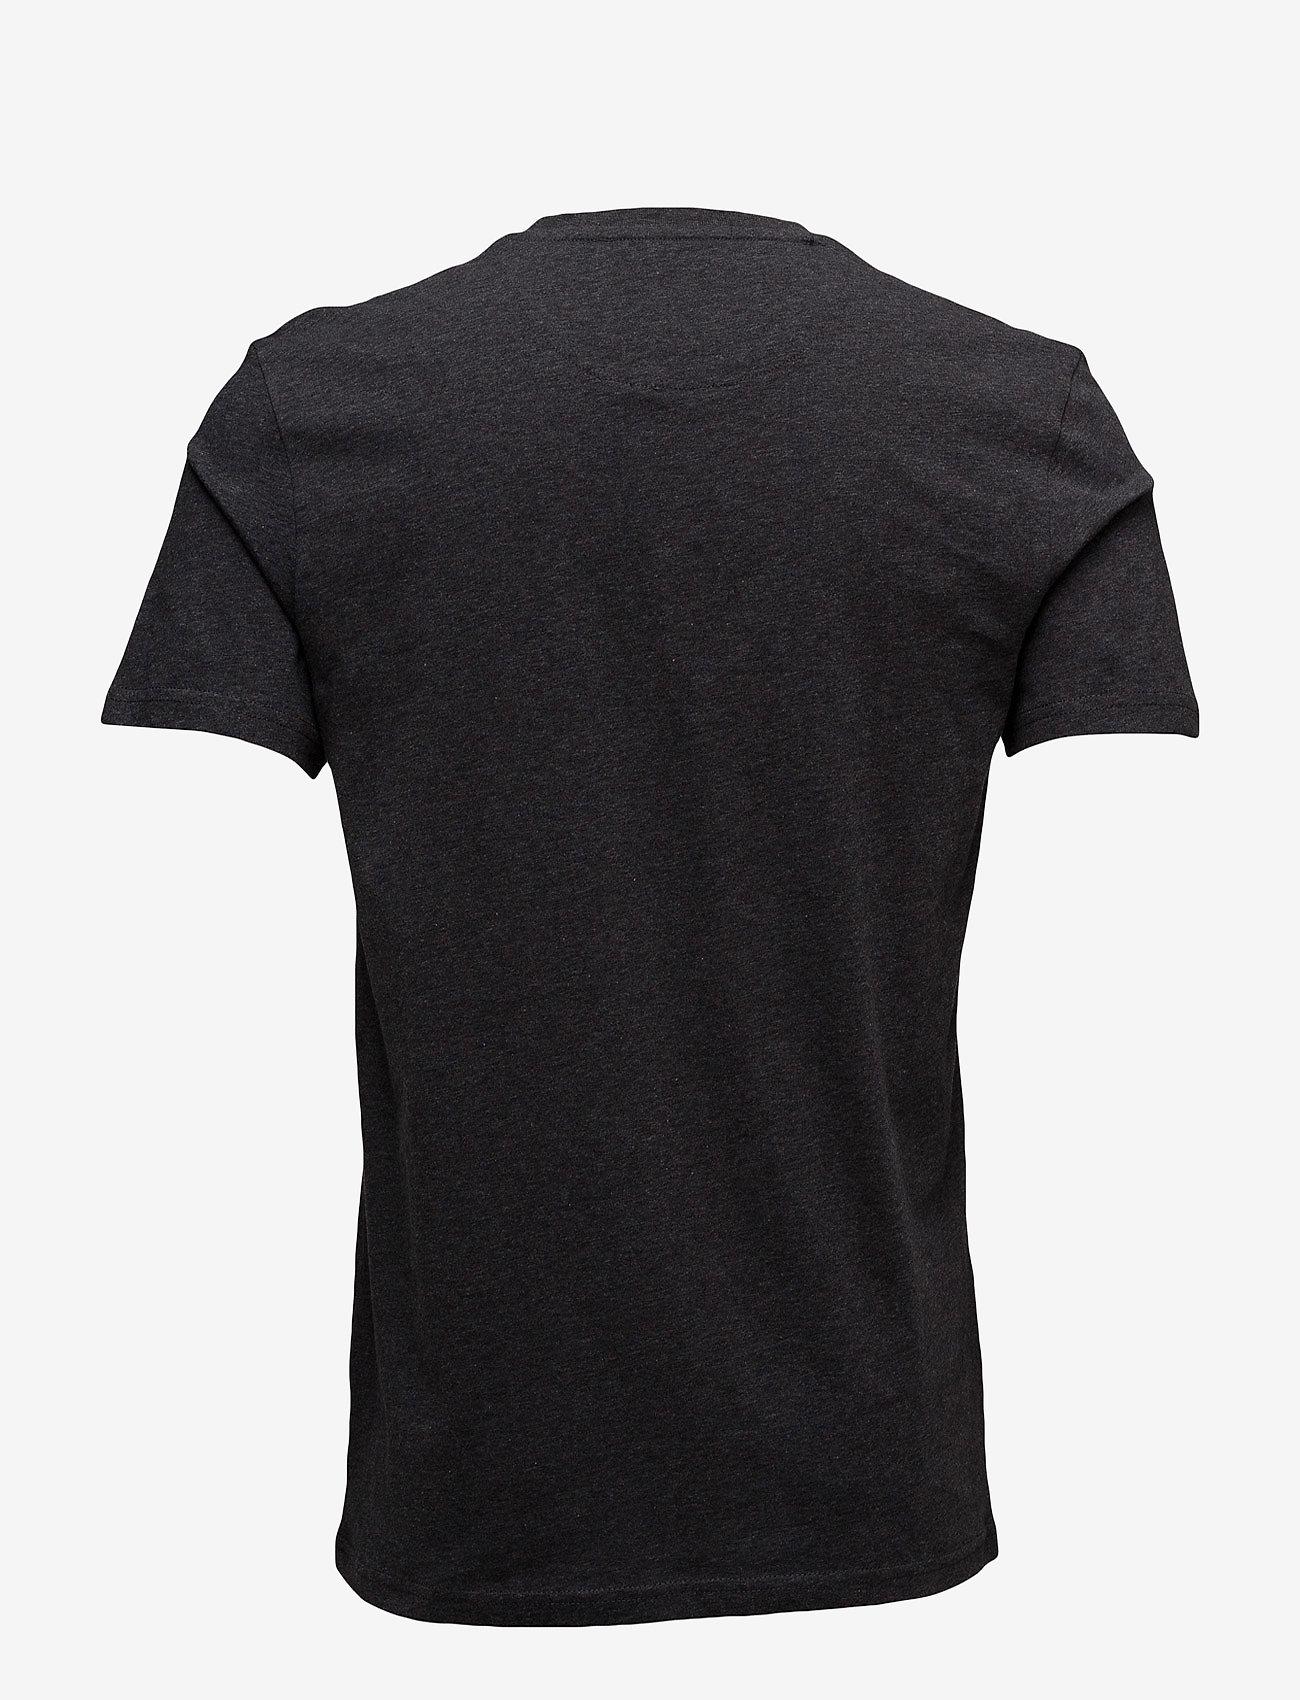 Lyle & Scott Crew Neck T-Shirt - T-skjorter CHARCOAL MARL - Menn Klær